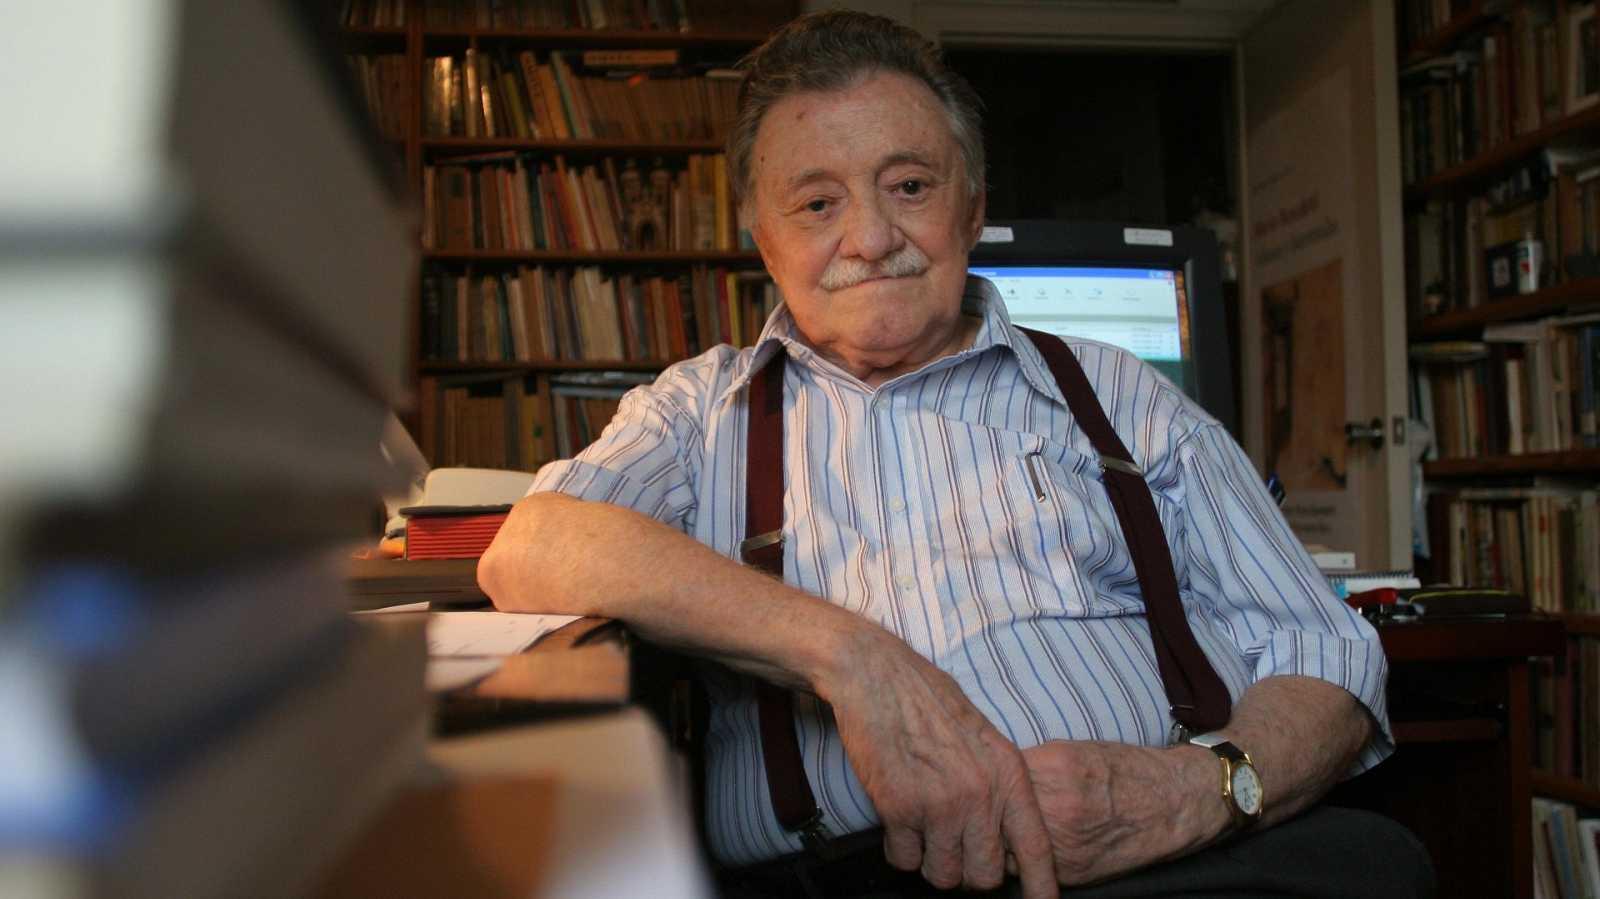 El ojo crítico - Con Benedetti 100 años - 14/09/20 - escuchar ahora